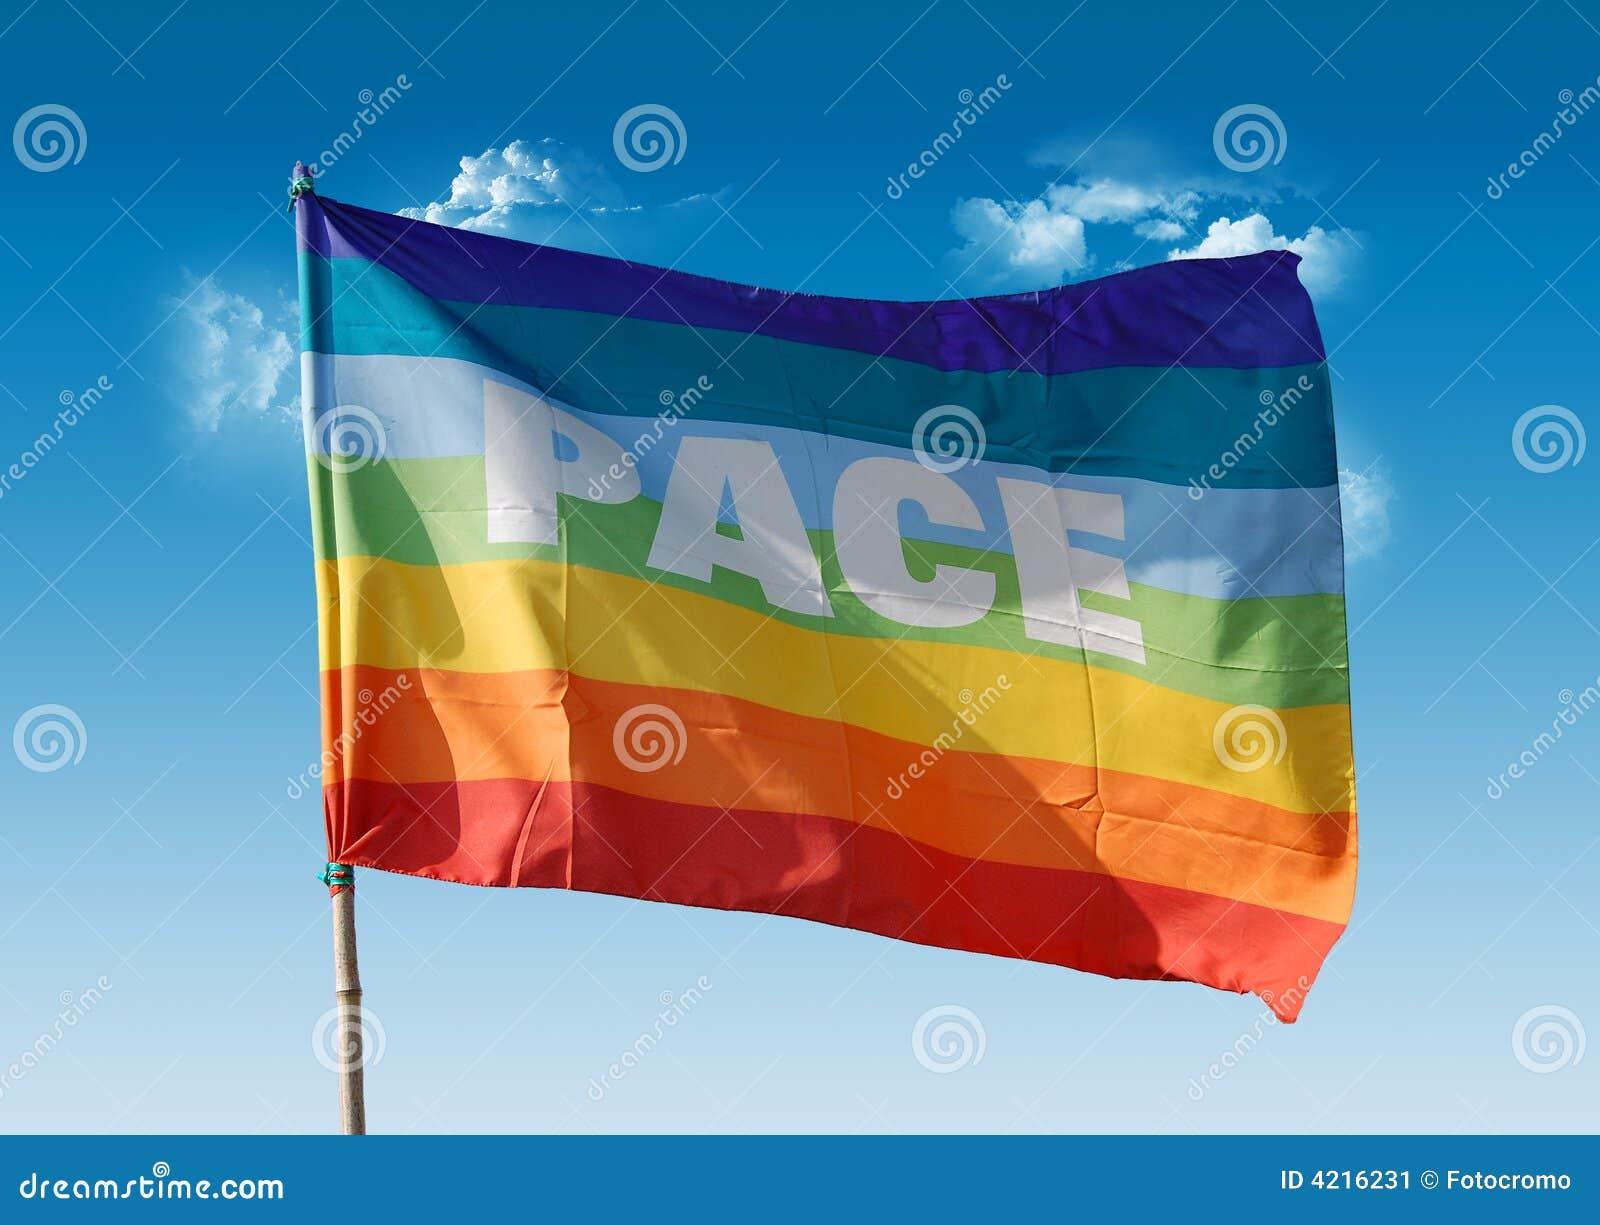 Peace Flag Stock Image Image Of Orange Harmony Agreement 4216231